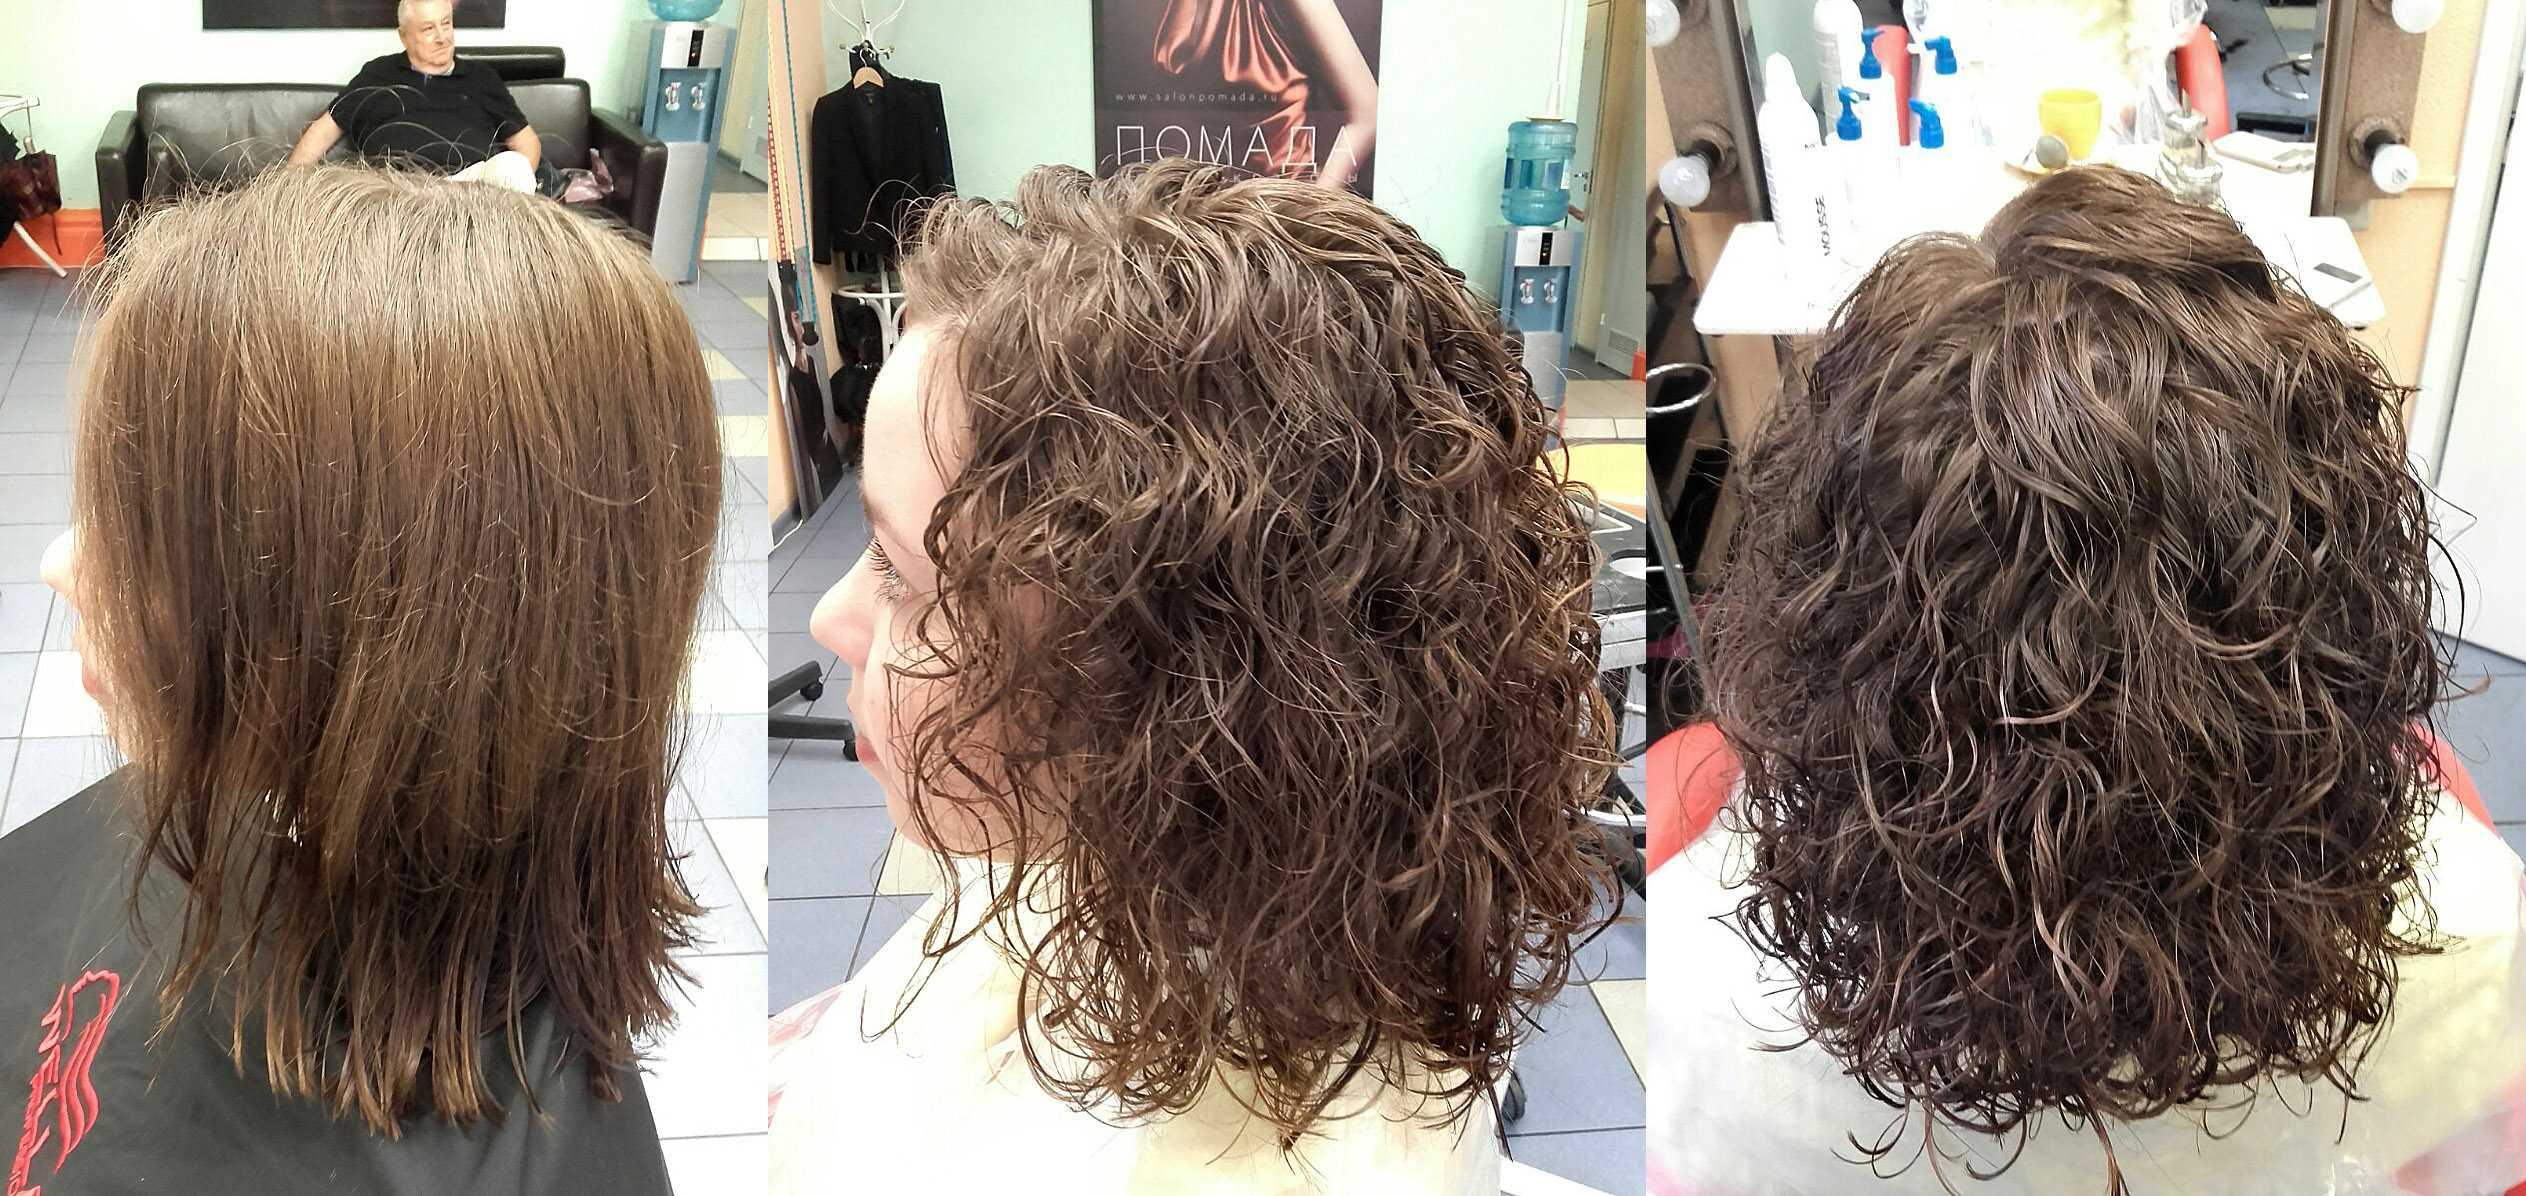 Самый лучший состав для биозавивки волос. процедура в домашних условиях. как проводится биозавивка на крупные локоны